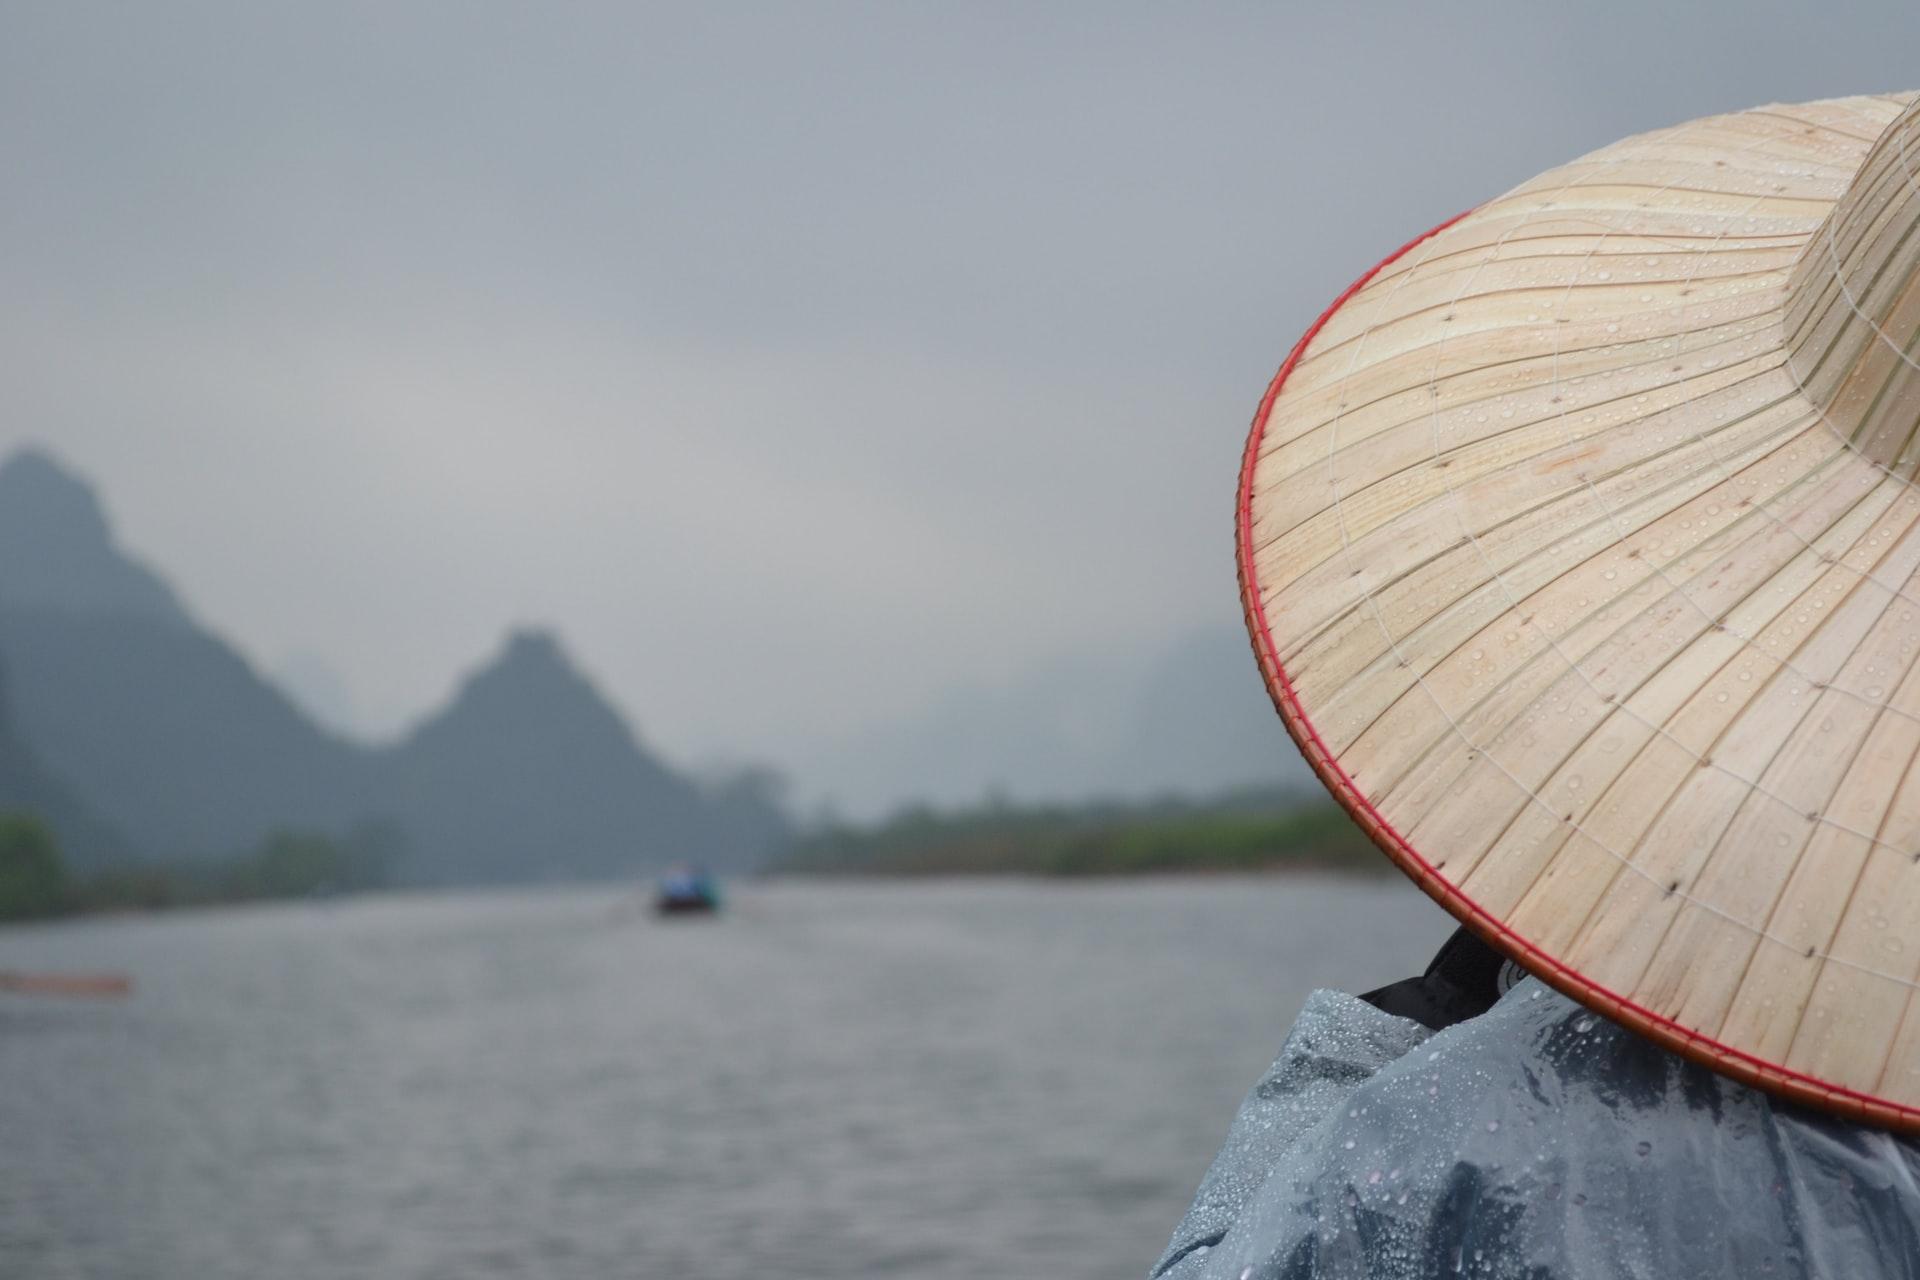 Vietnam endures 10th major storm of 2020